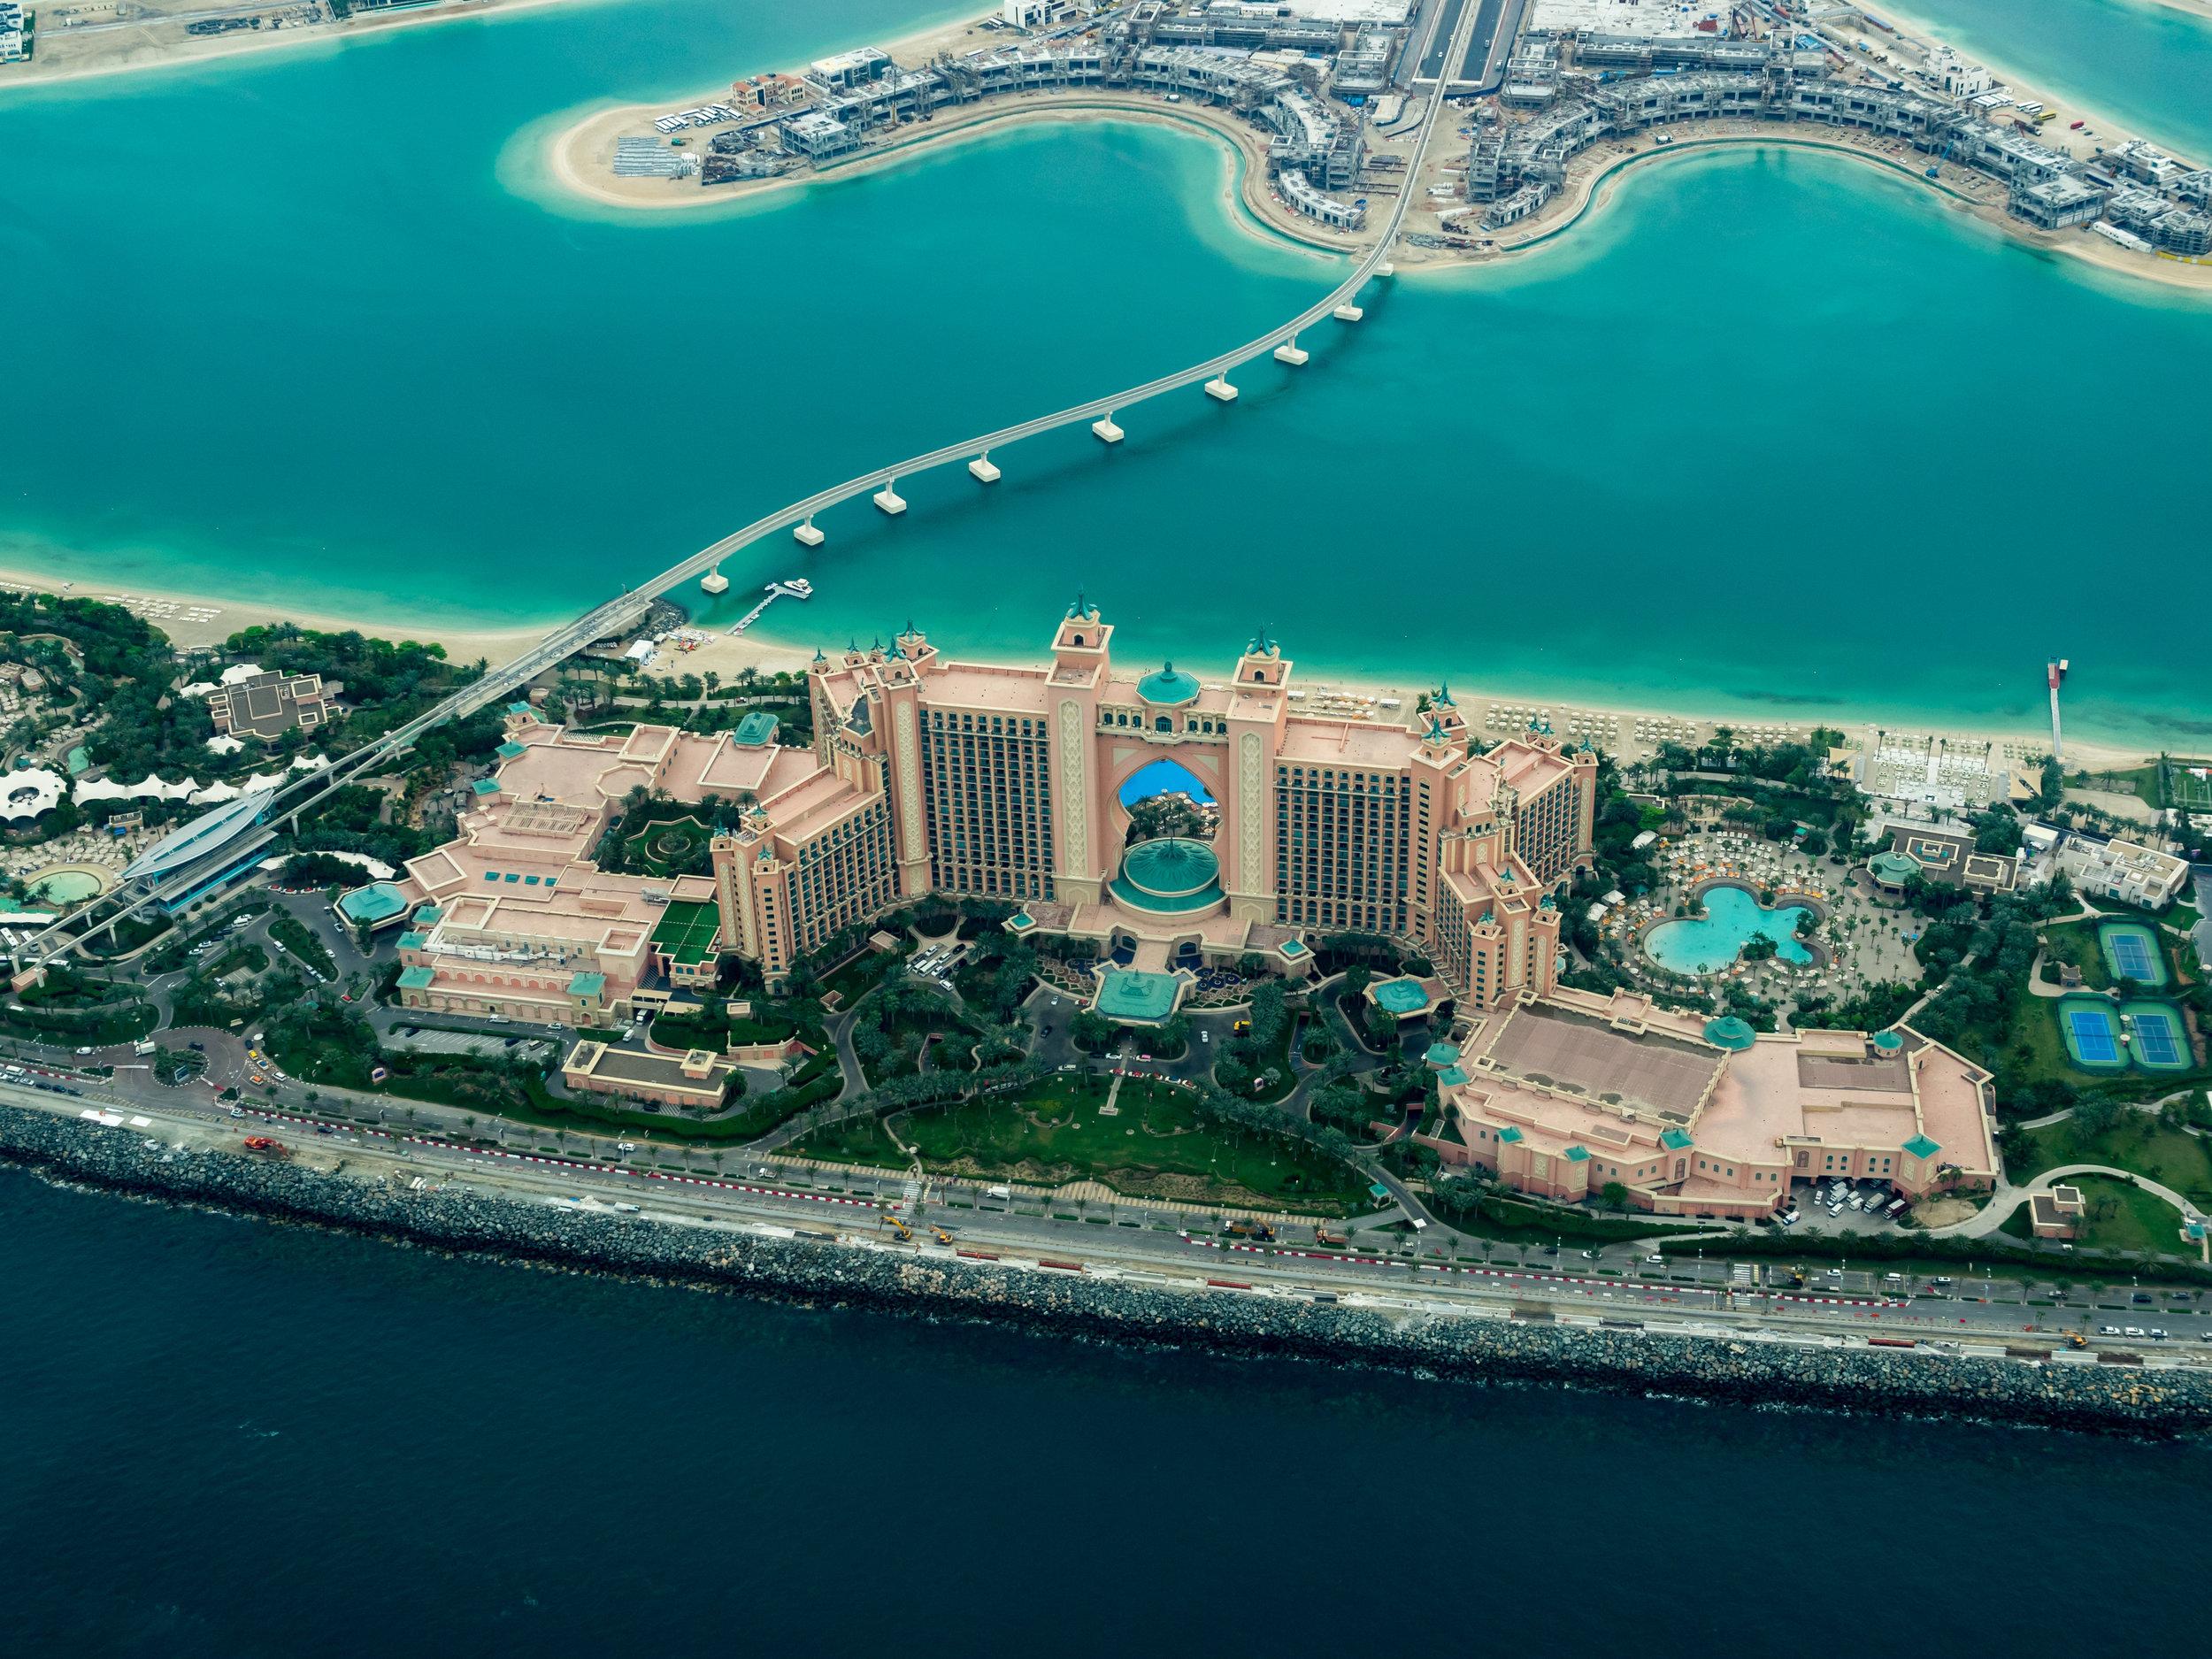 Aquaventure Waterpark, Atlantis Hotel - ¿Sabías que puedes entrar gratis al parque acuático del Hotel Atlantis una vez al año? Sí, cualquier persona puede hacerlo el día de su cumpleaños. Si viajas para esa fecha te ahorrarás aproximadamente 94 dólares.